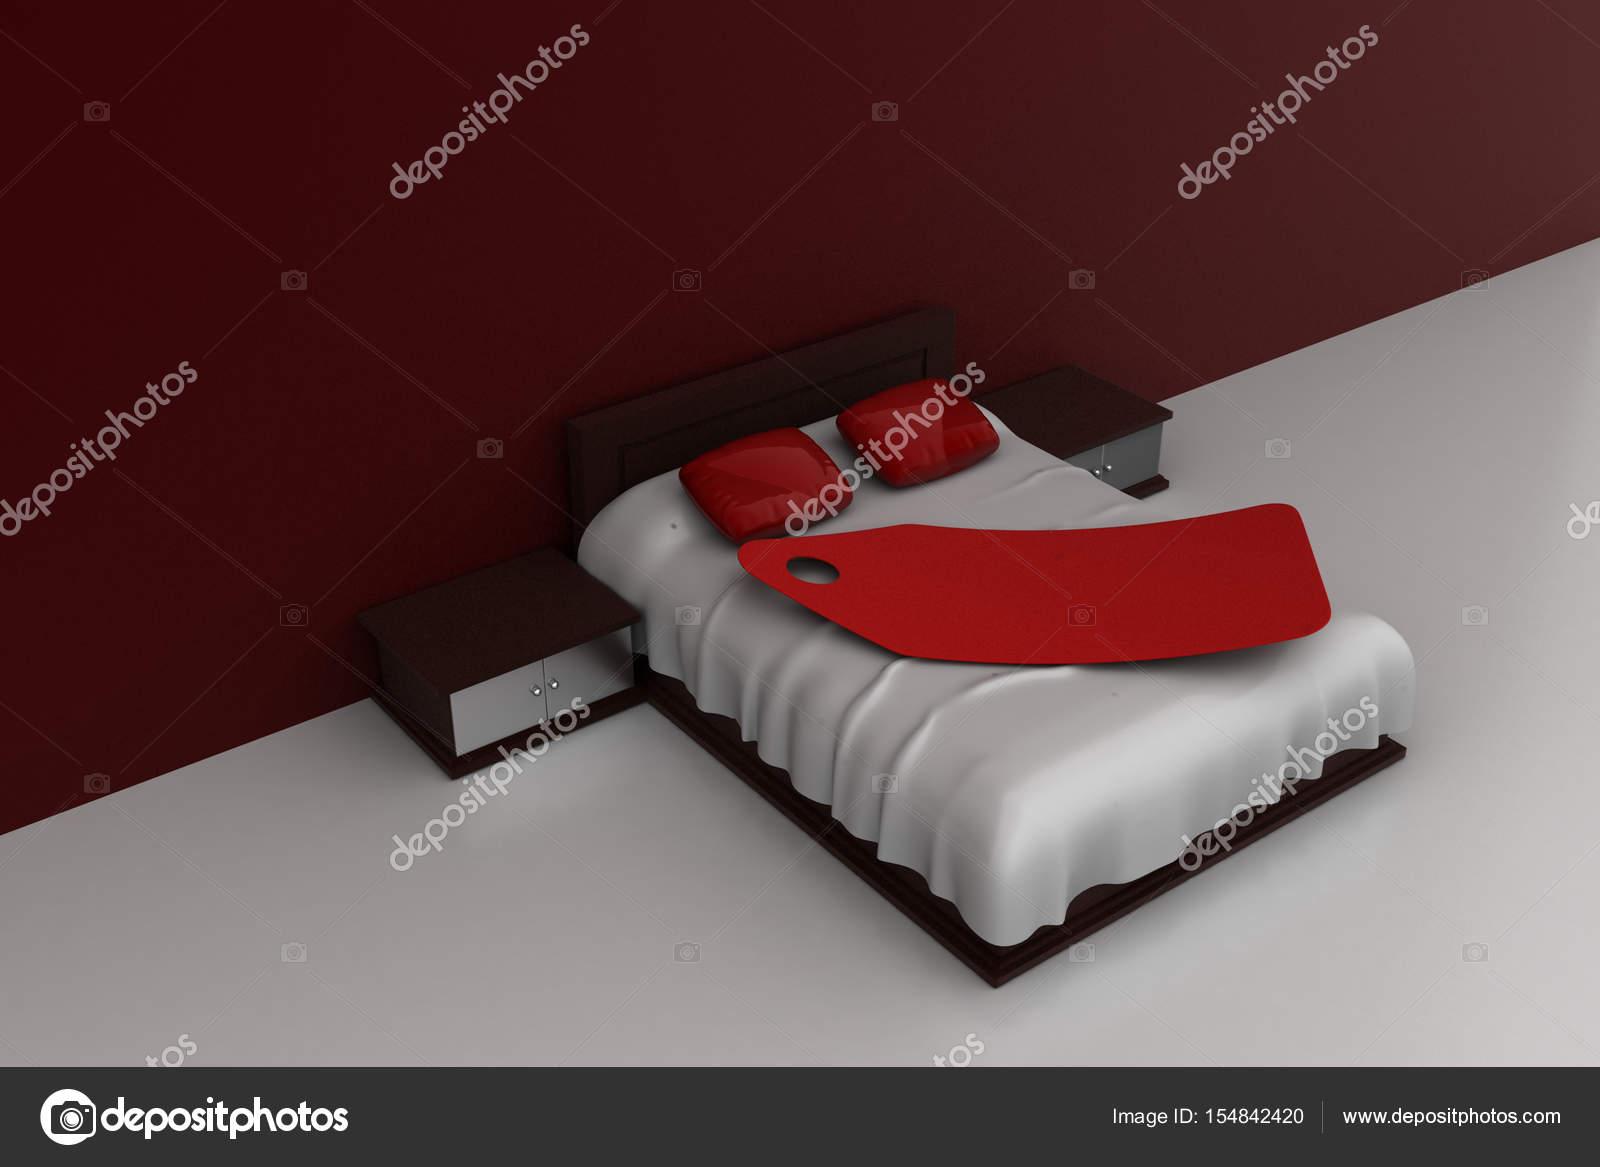 Letti Di Lusso Prezzi : Illustrazione d del letto di lusso con cartellino del prezzo